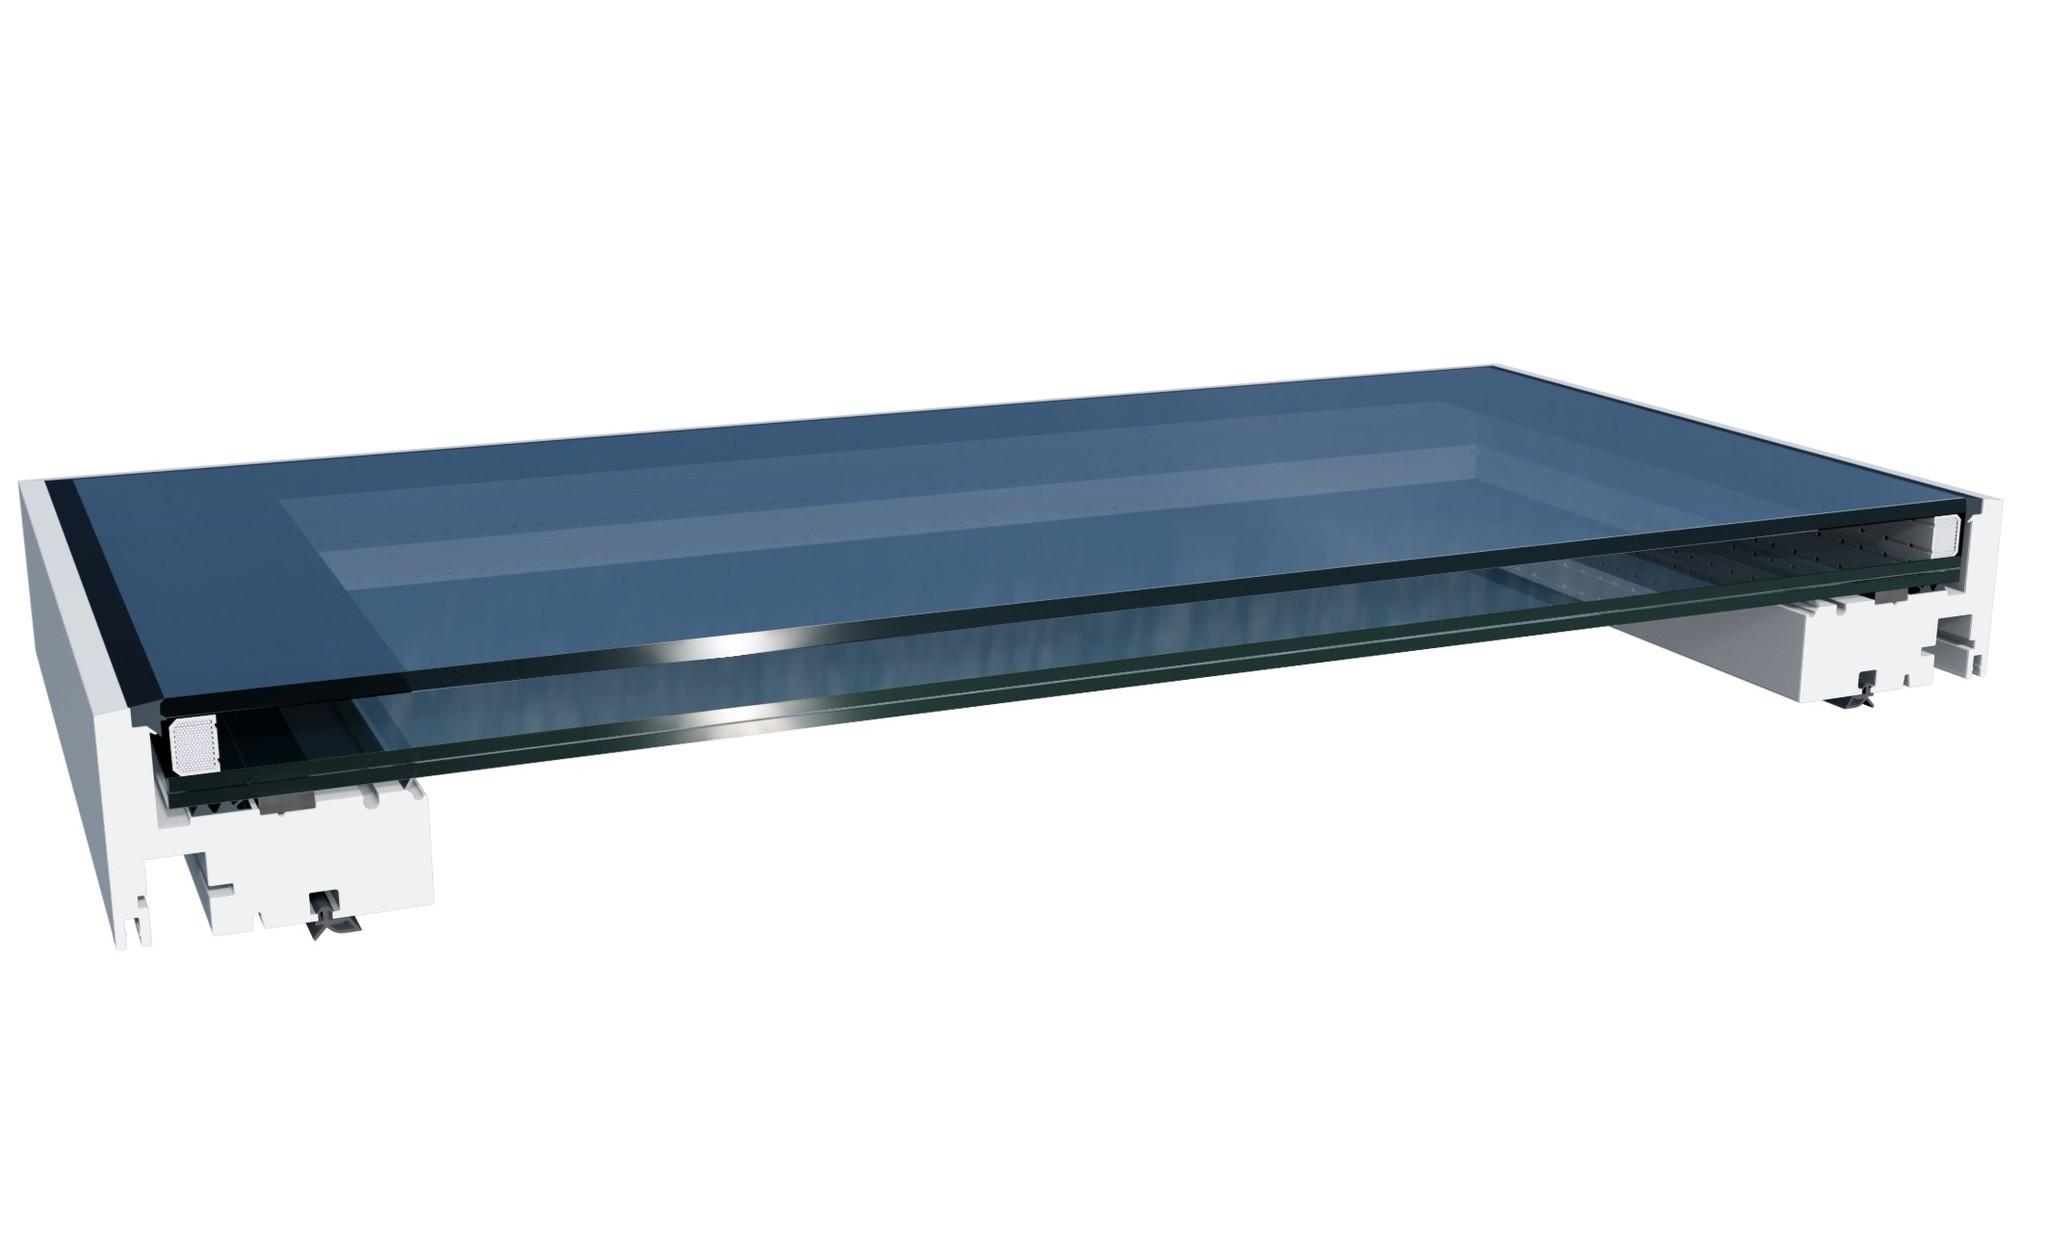 Intura - Lichtkoepel renovatiemodule Intura DGP A1 - upgrade oude lichtkoepels